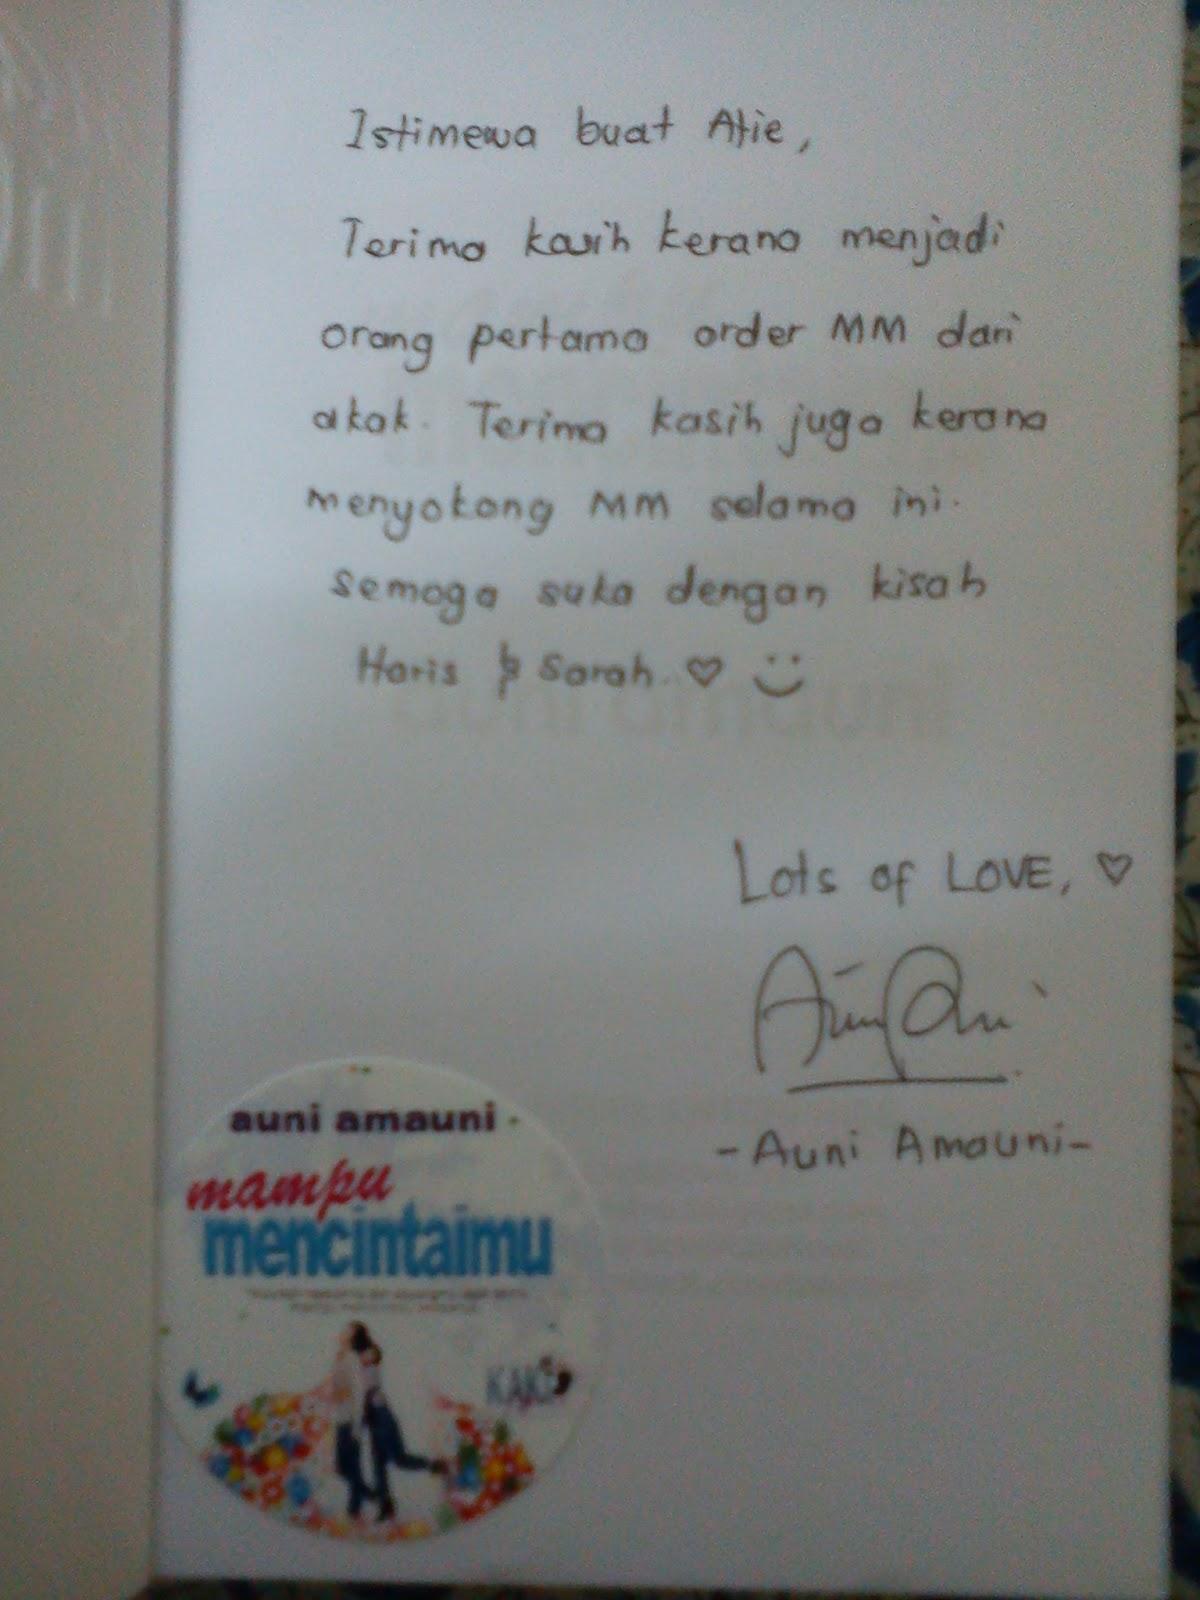 Ini kisahku, isi hatiku   : May 2012